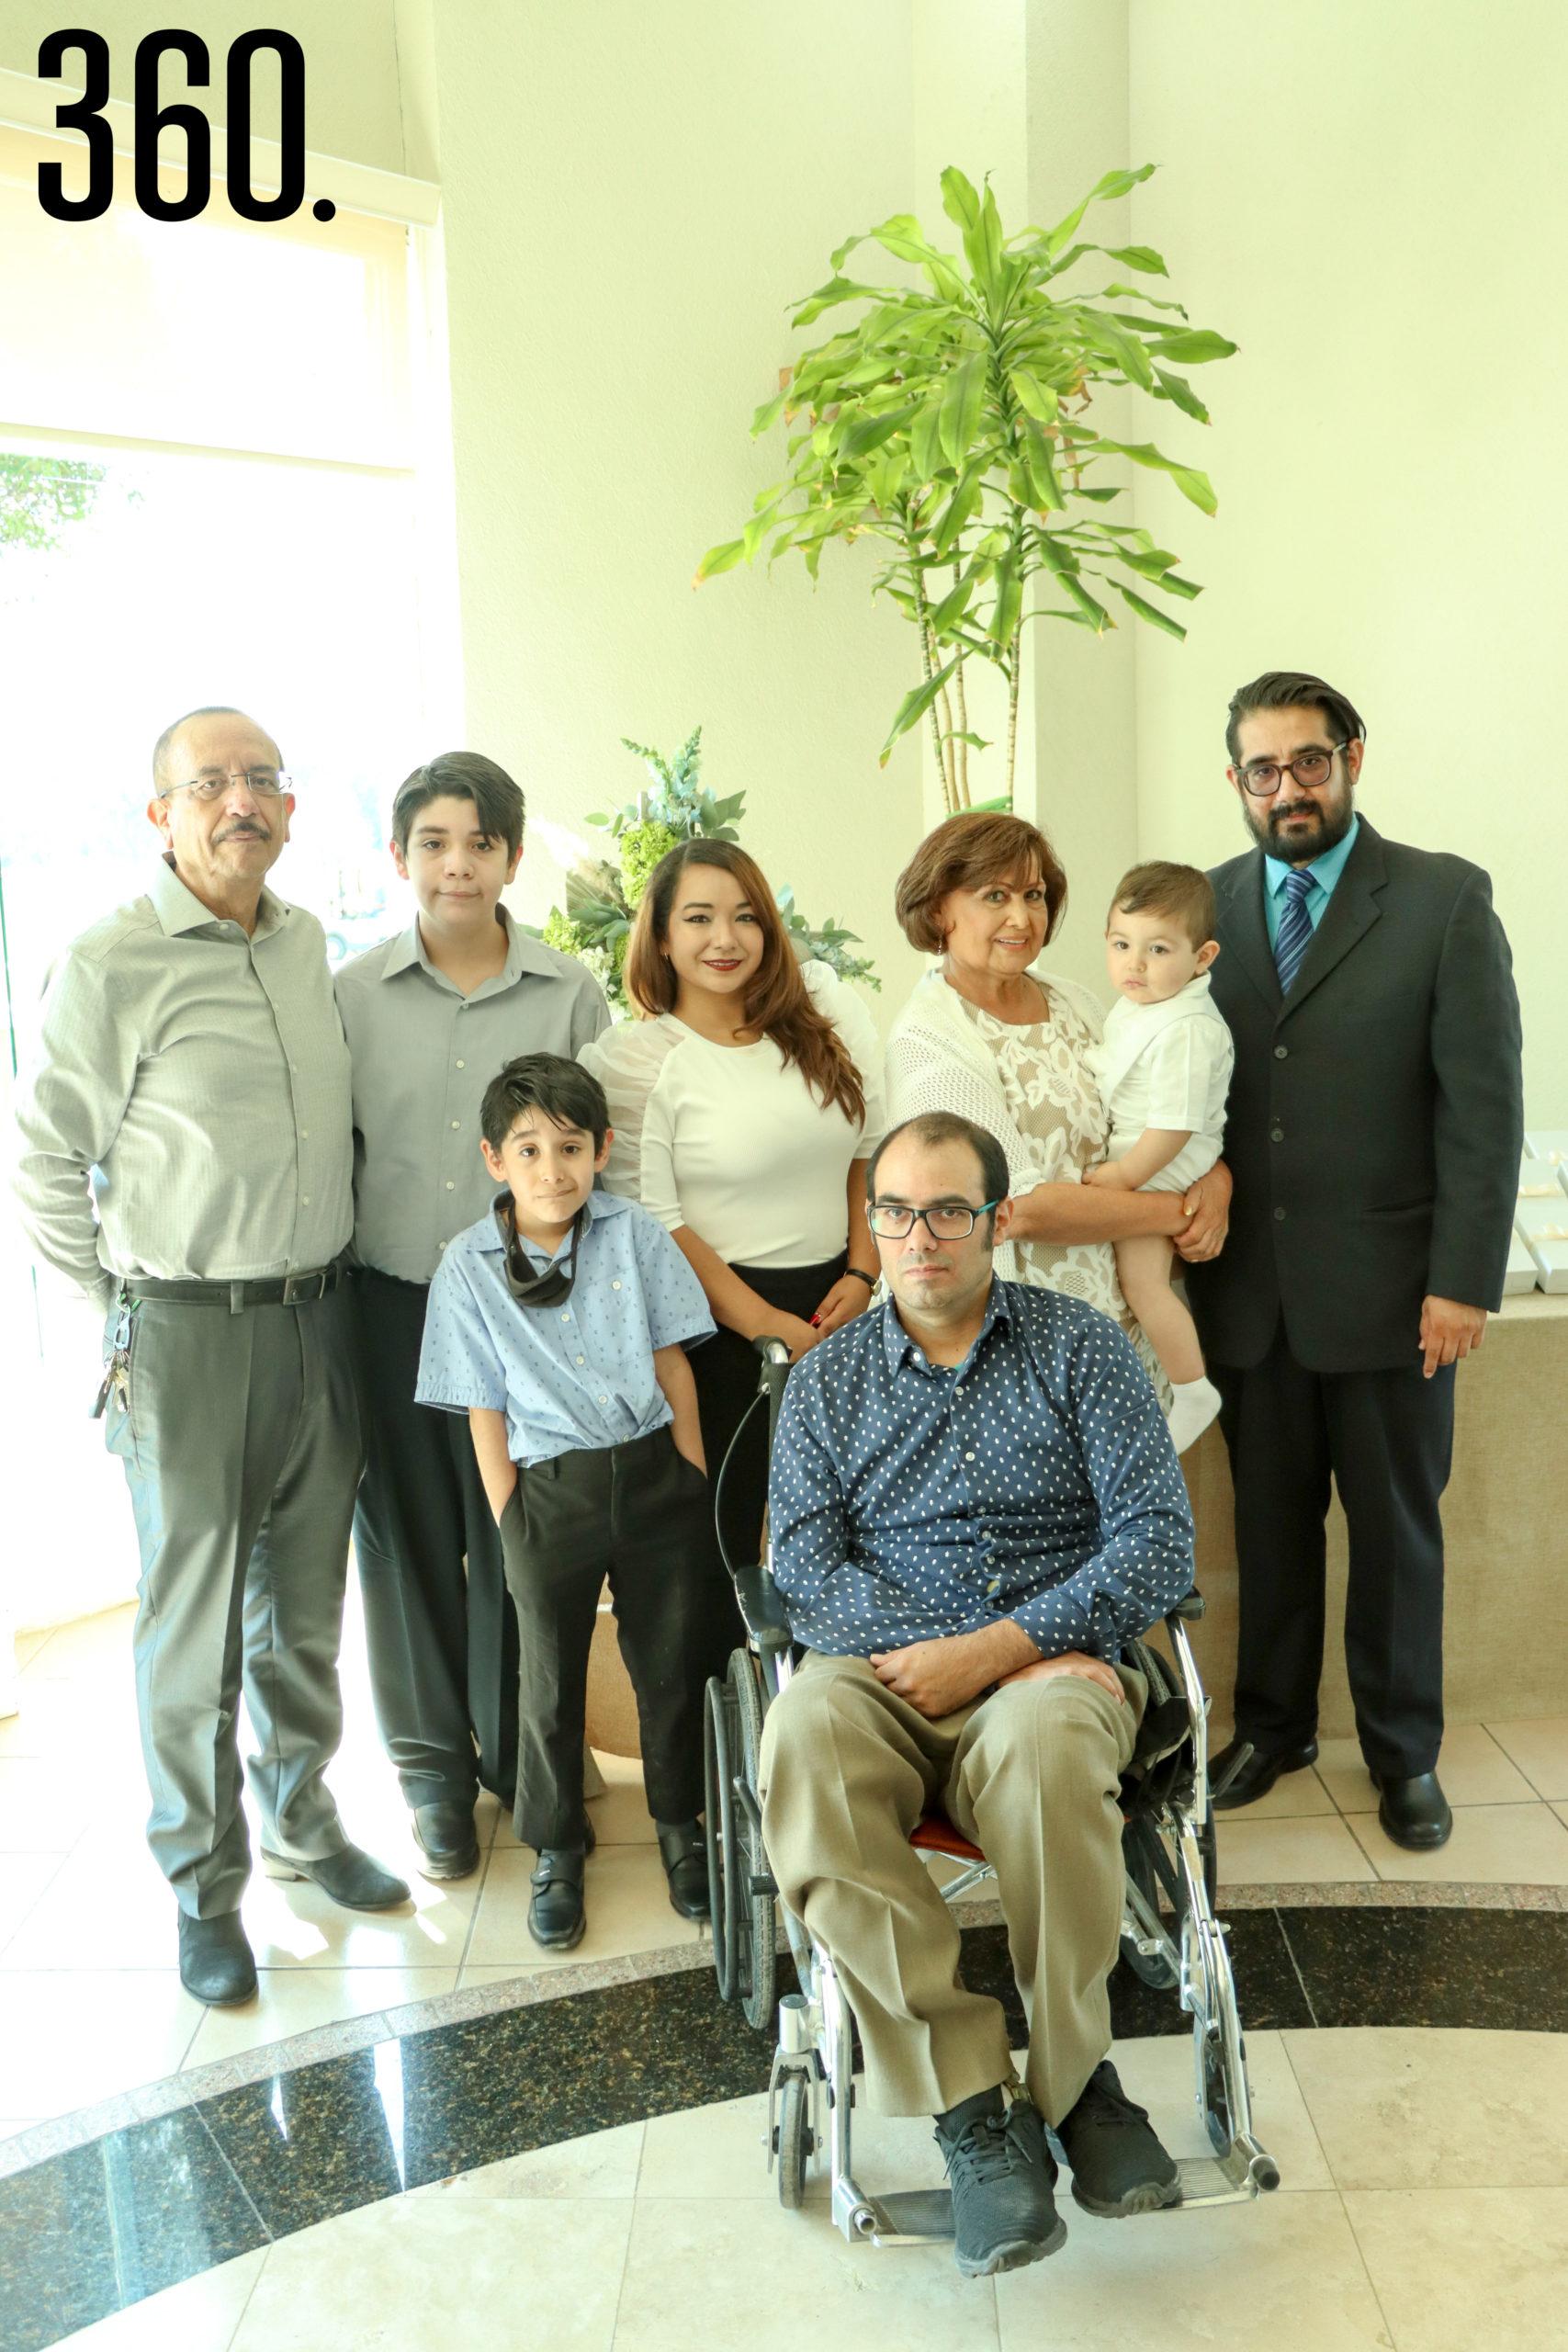 Gregorio Vargas, Jerses Boardman, Damian Vargas, Jaqueline García, Andher Vargas, Gloria Yola Jiménez, Carlos Arturo Woo y Jerses Vargas.